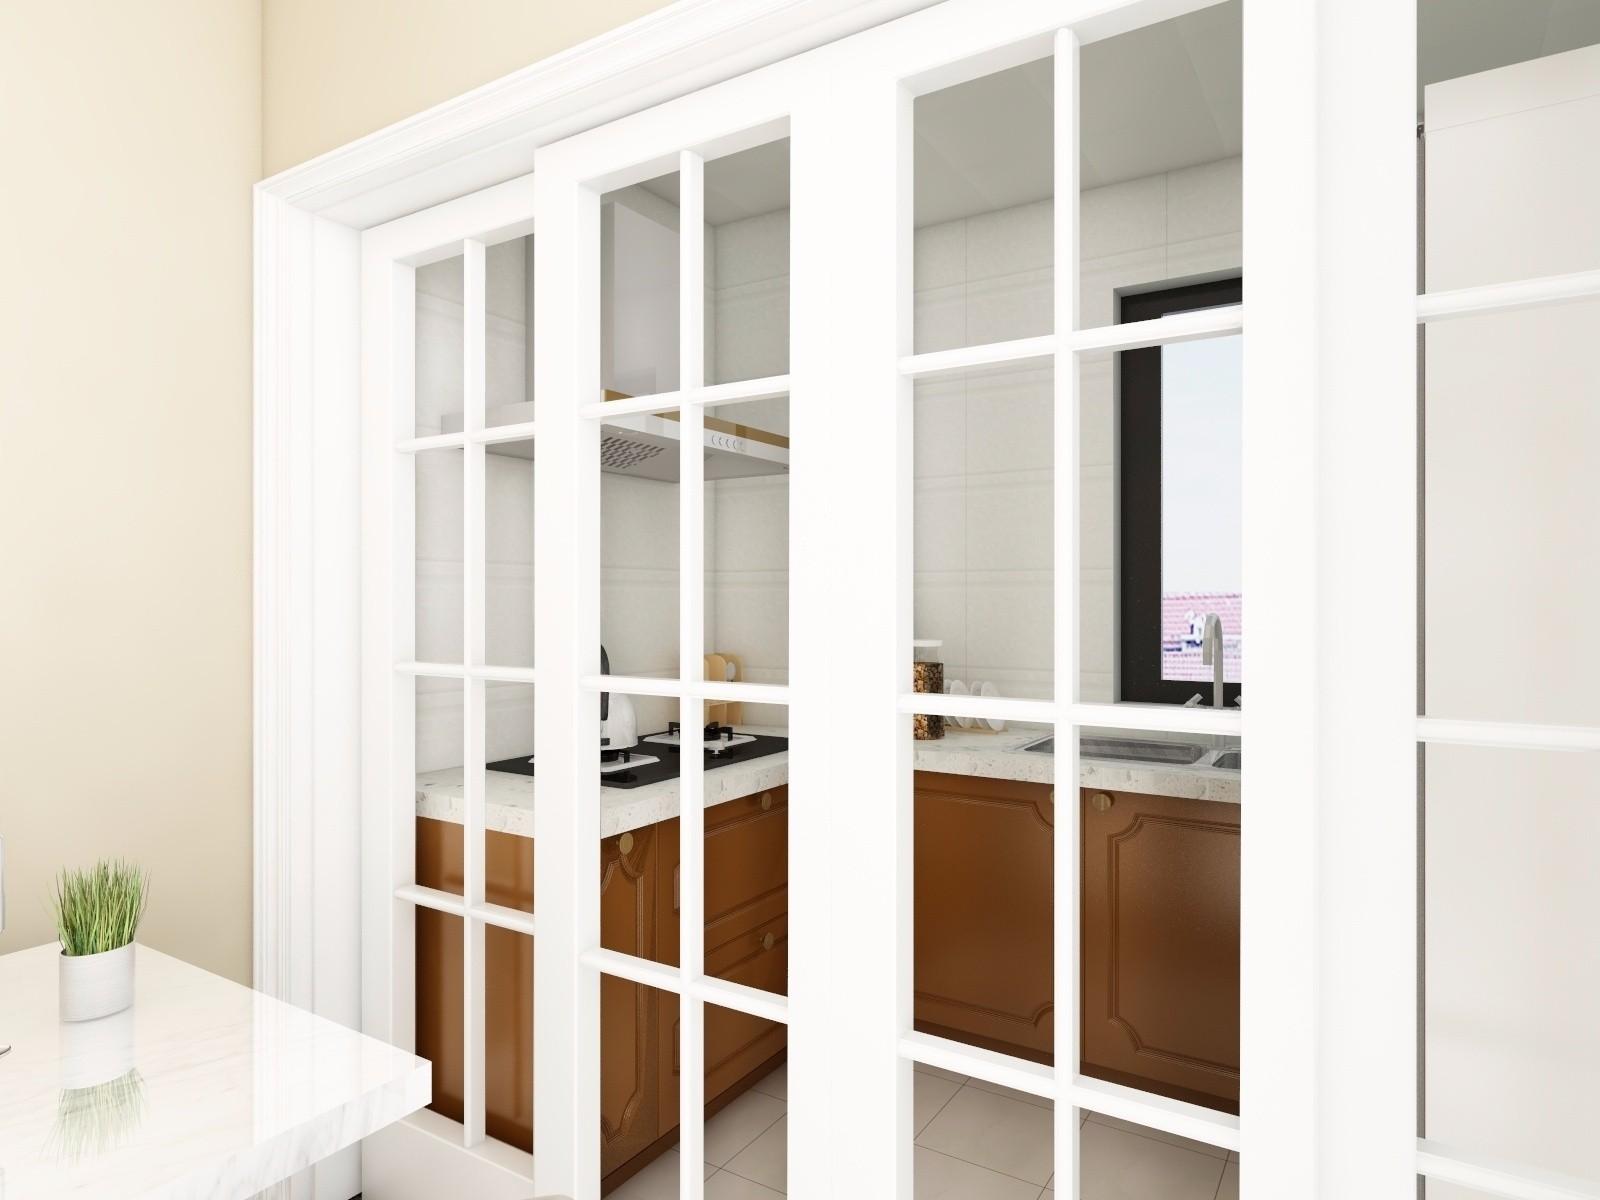 现代简约两居室厨房格子移门装修效果图